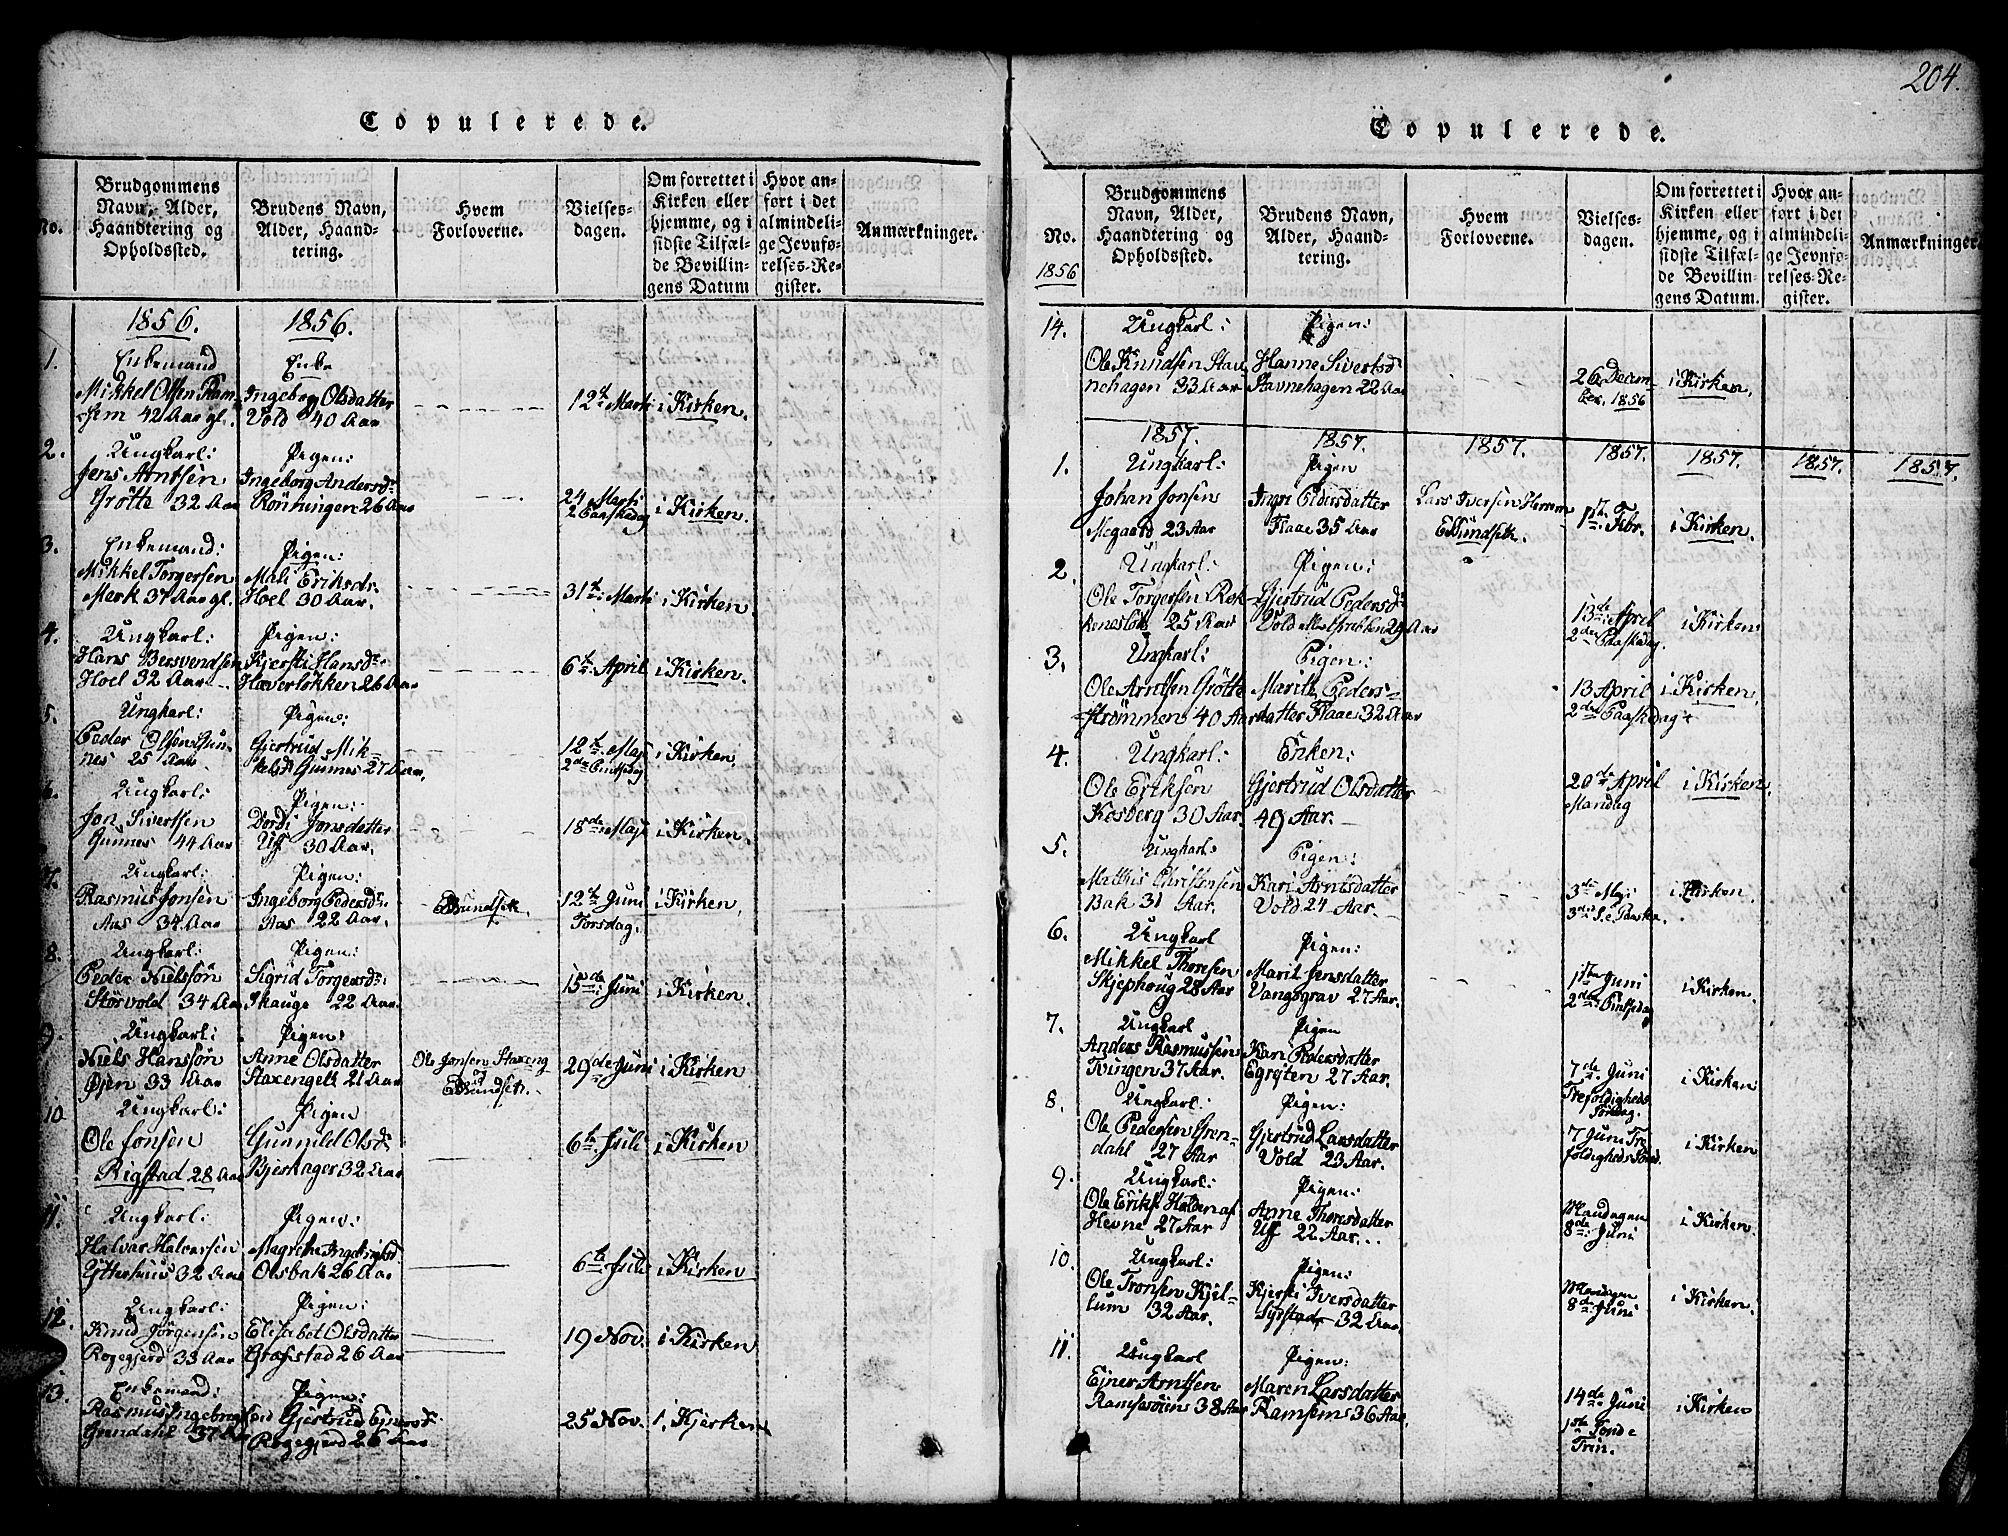 SAT, Ministerialprotokoller, klokkerbøker og fødselsregistre - Sør-Trøndelag, 674/L0874: Klokkerbok nr. 674C01, 1816-1860, s. 204